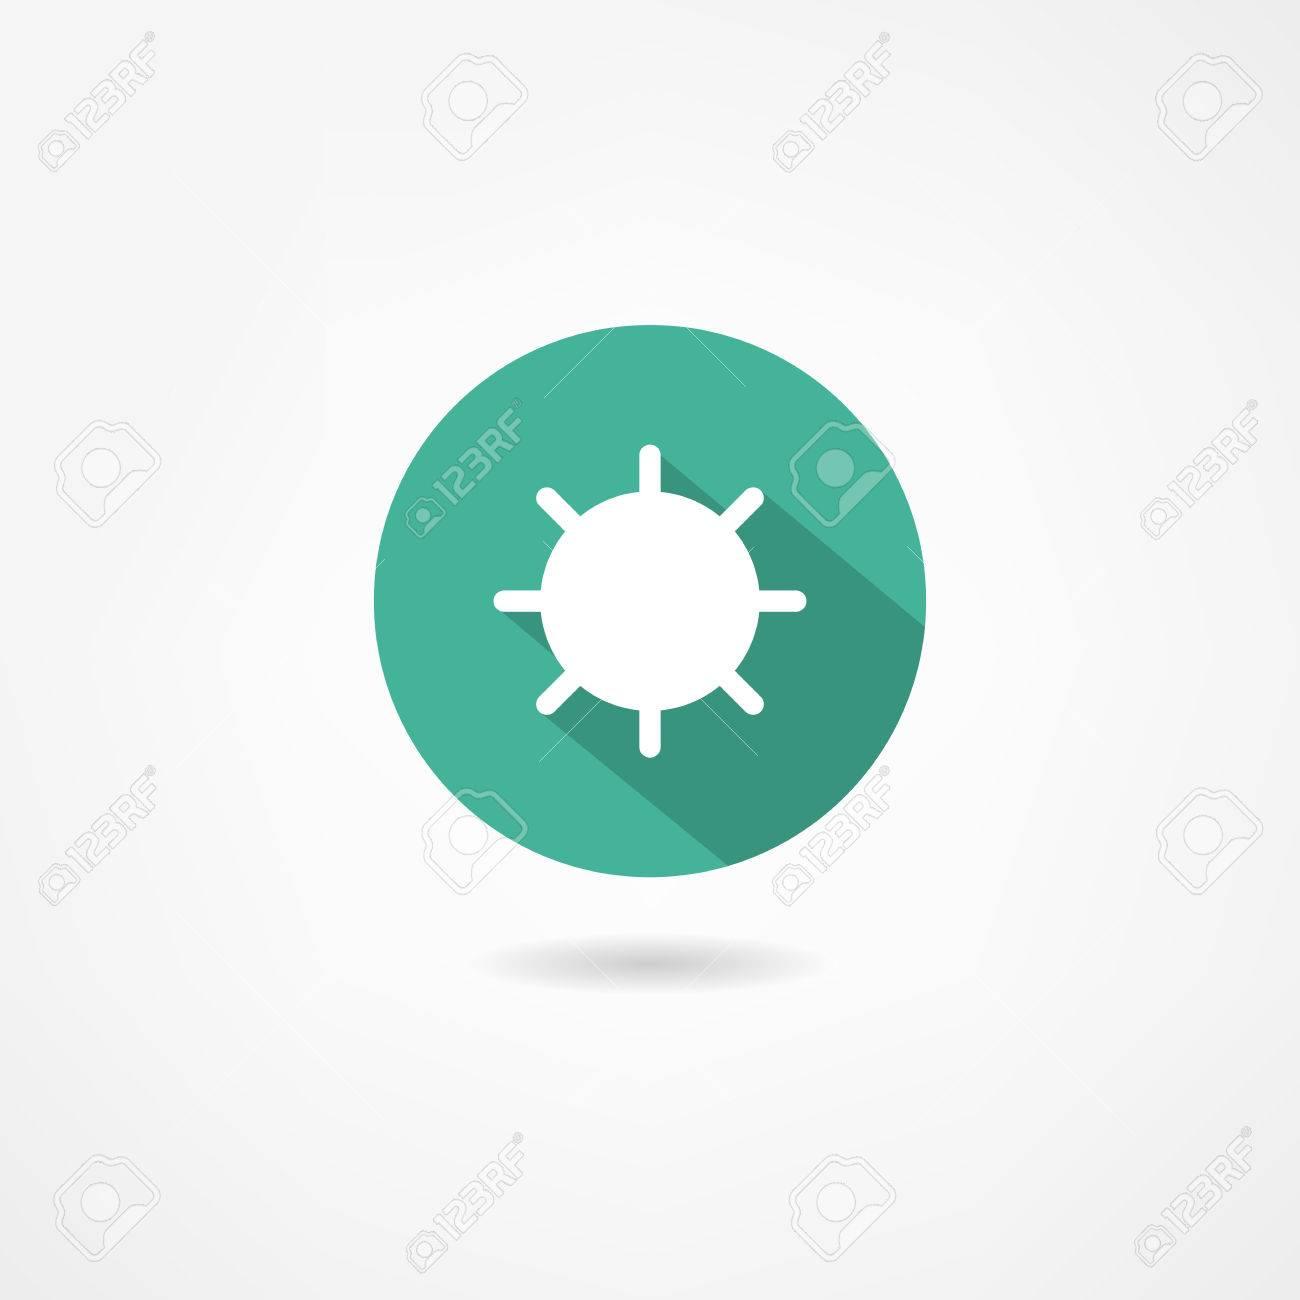 mine icon Stock Vector - 22866618